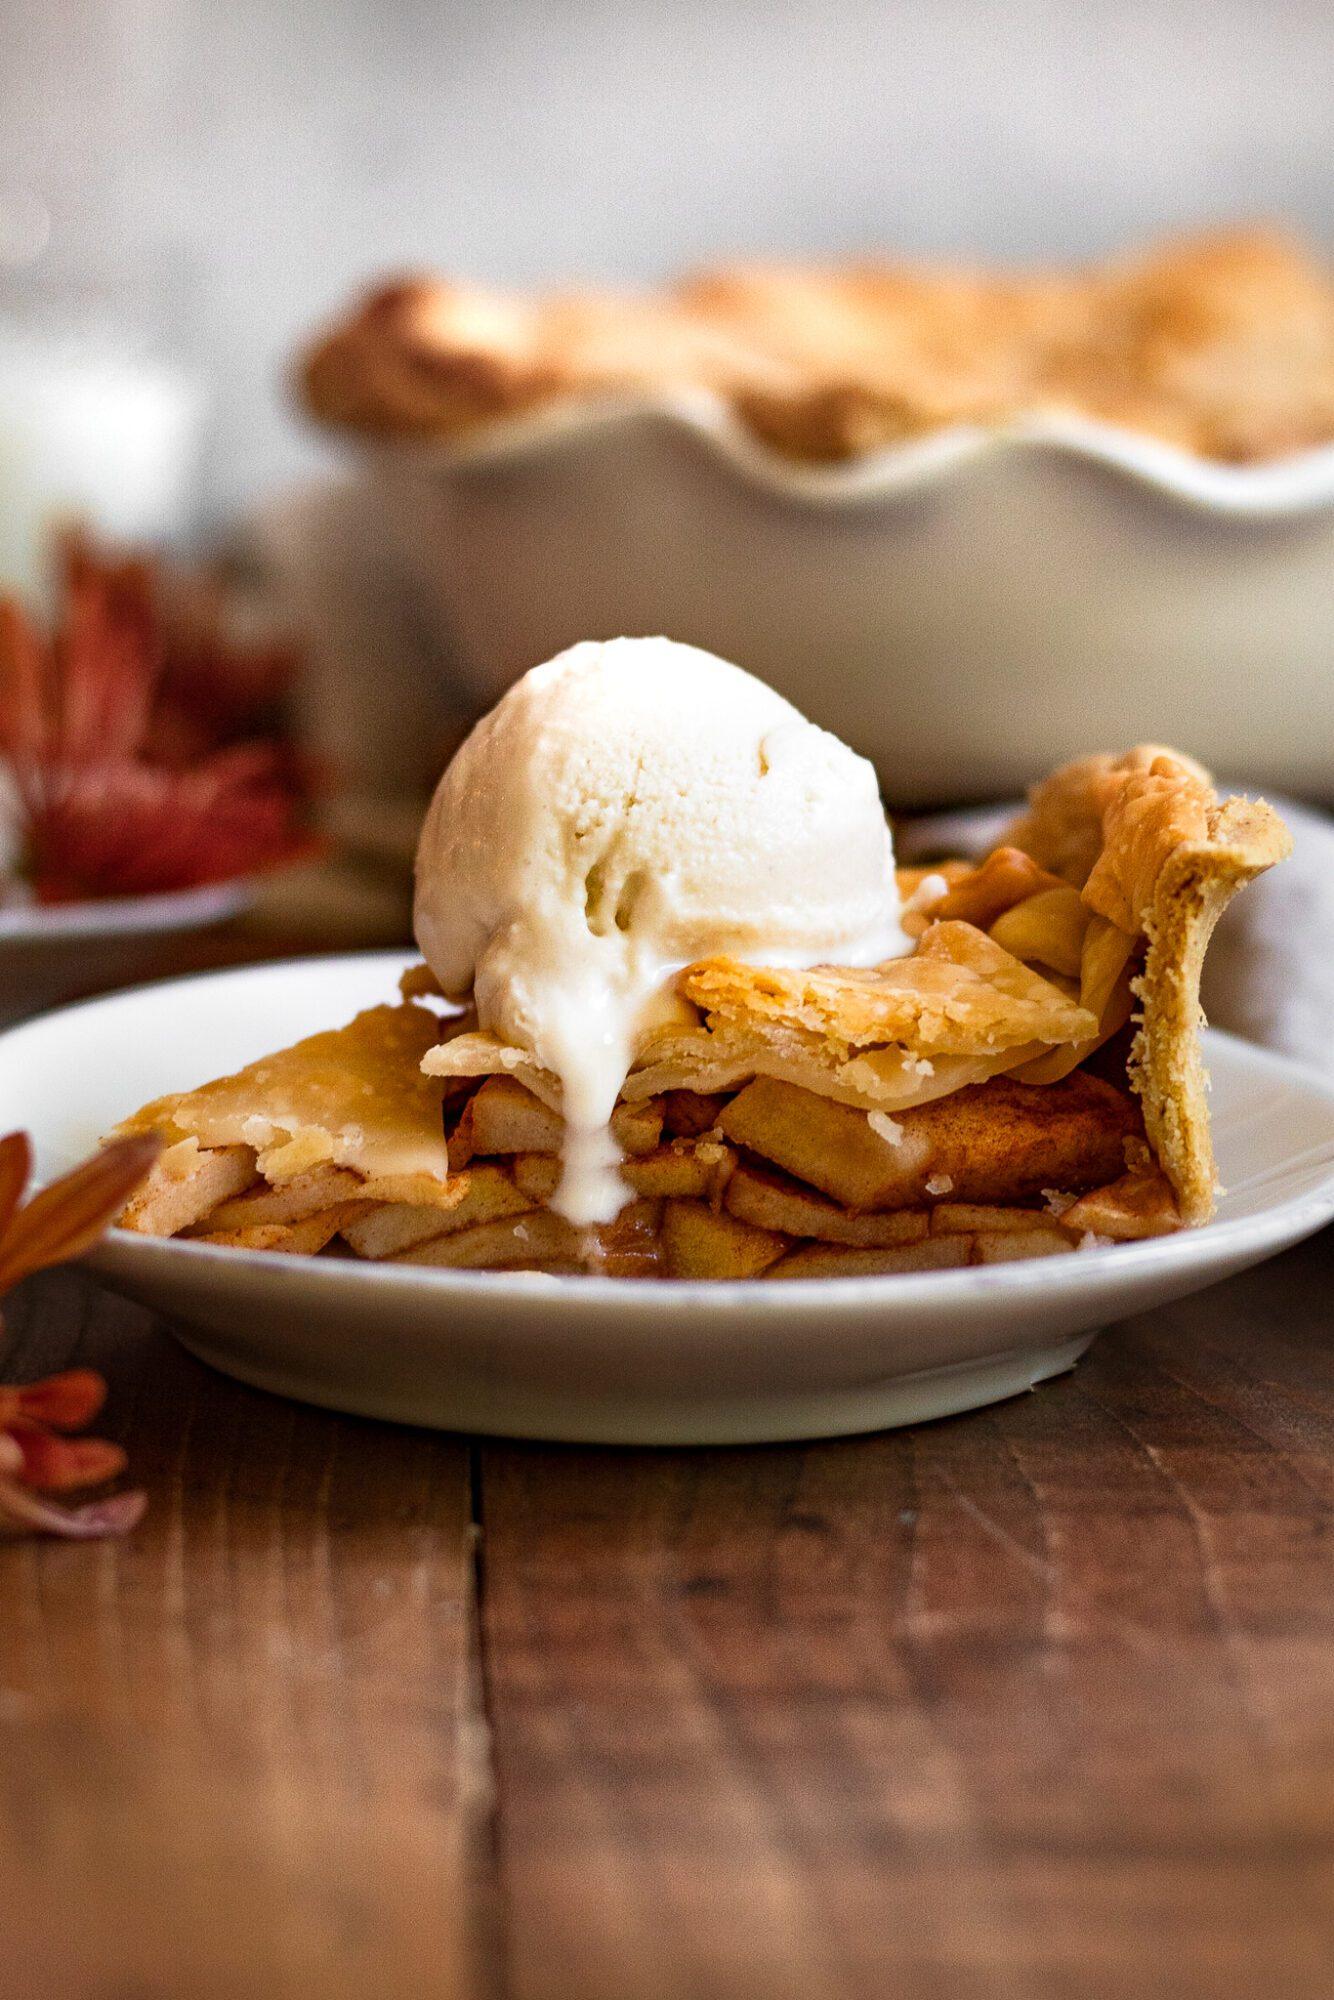 slice of apple pie with scoop of ice cream